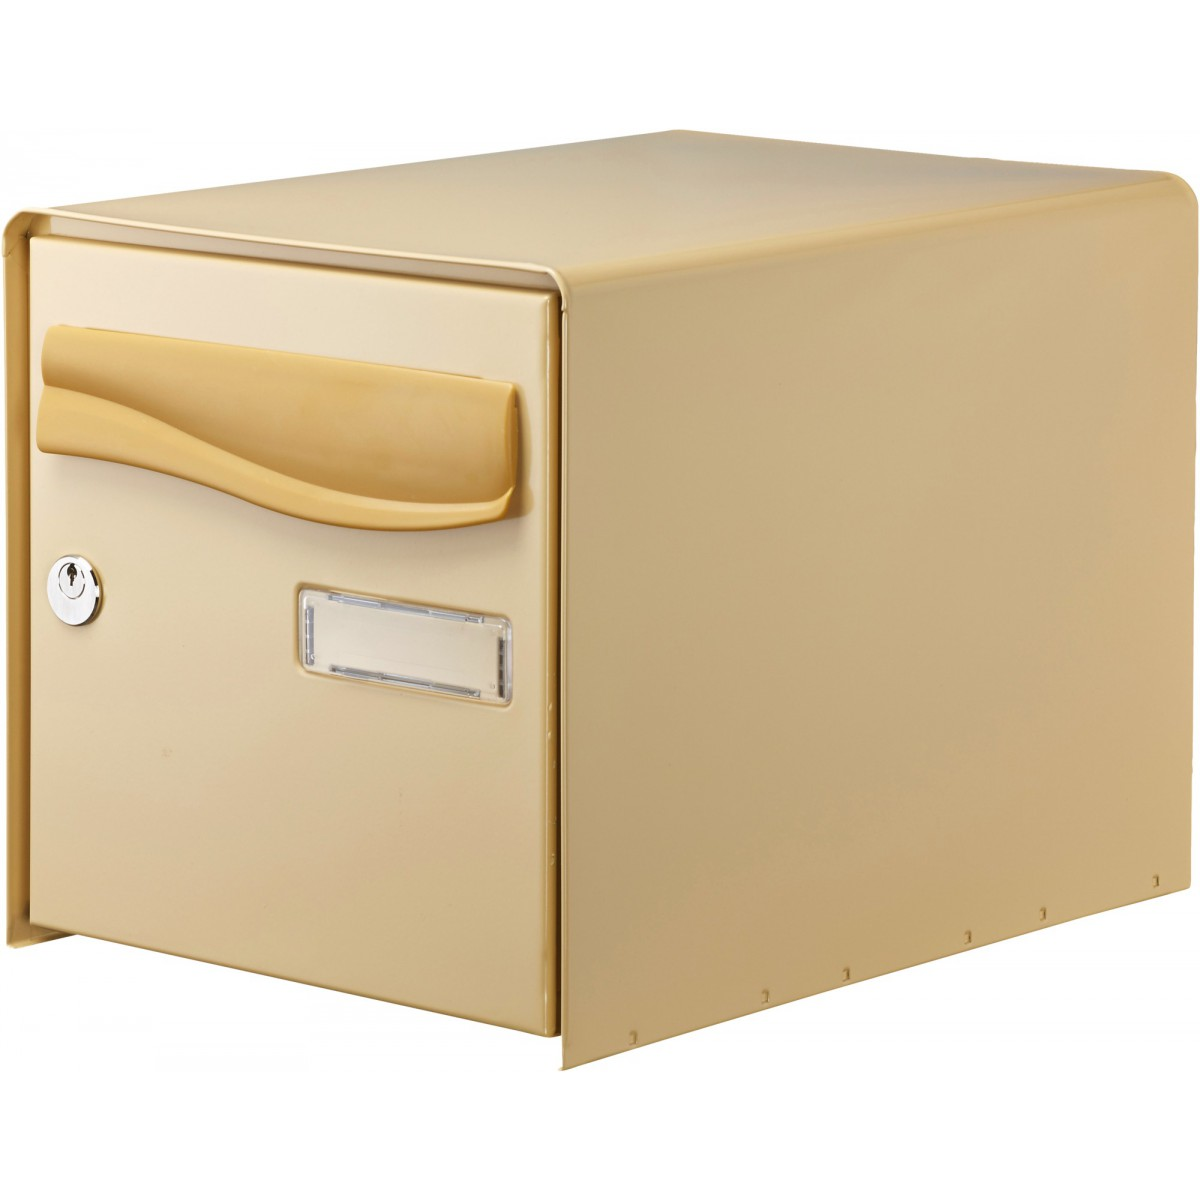 Boîte aux lettres à ouverture totale R-Box Lys Decayeux - Simple face - Beige